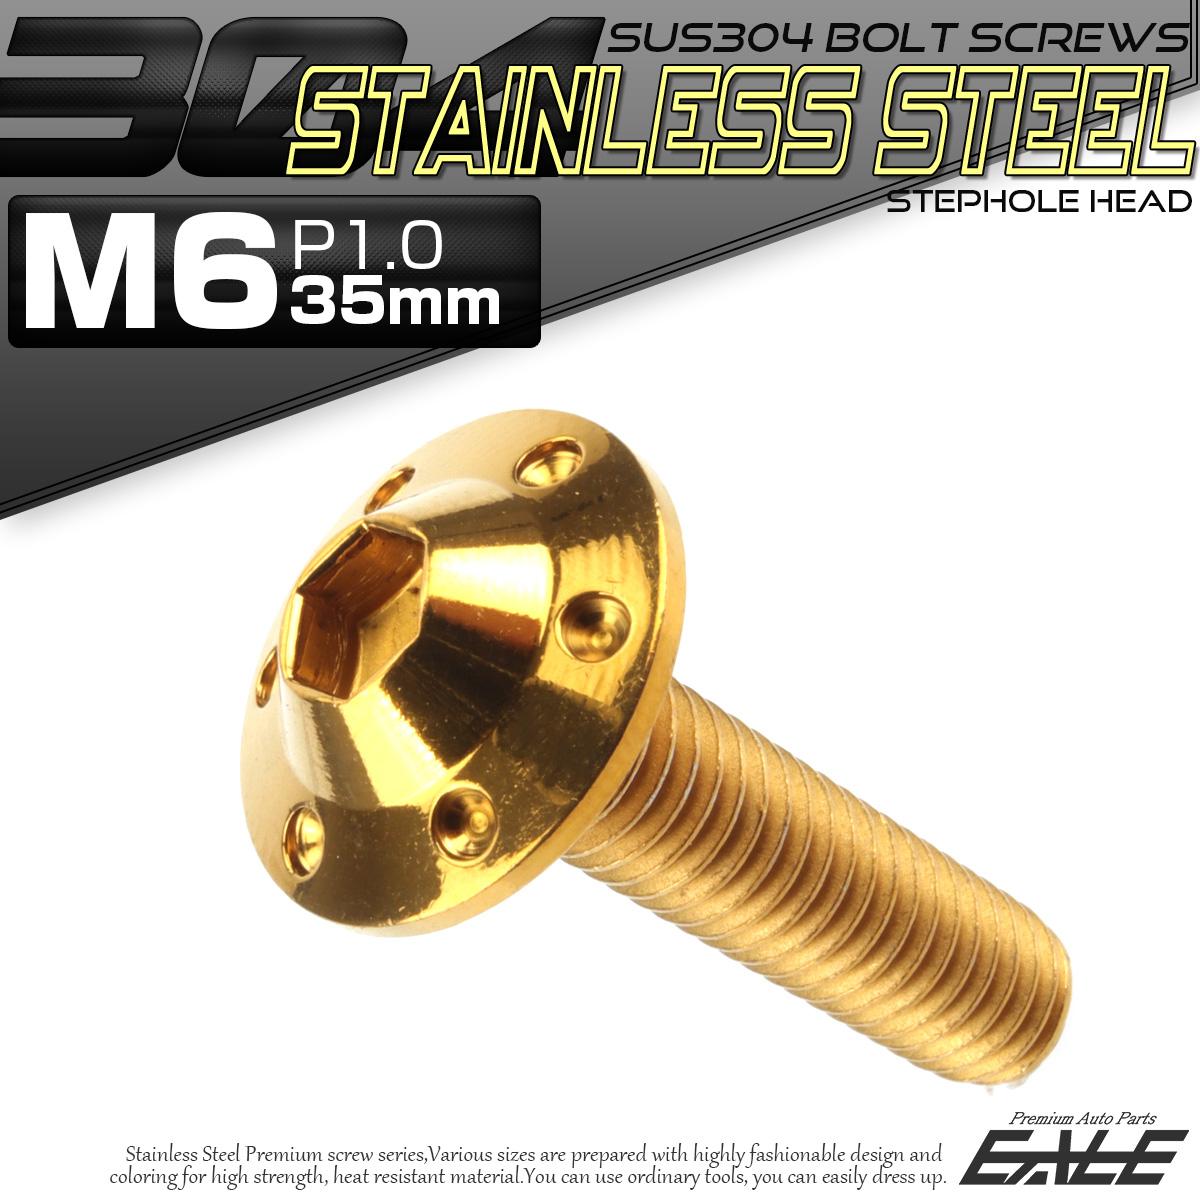 SUS304 フランジ付 ボタンボルト M6×35mm P1.0 六角穴  ゴールド ステップホールヘッド ステンレス製 TR0196